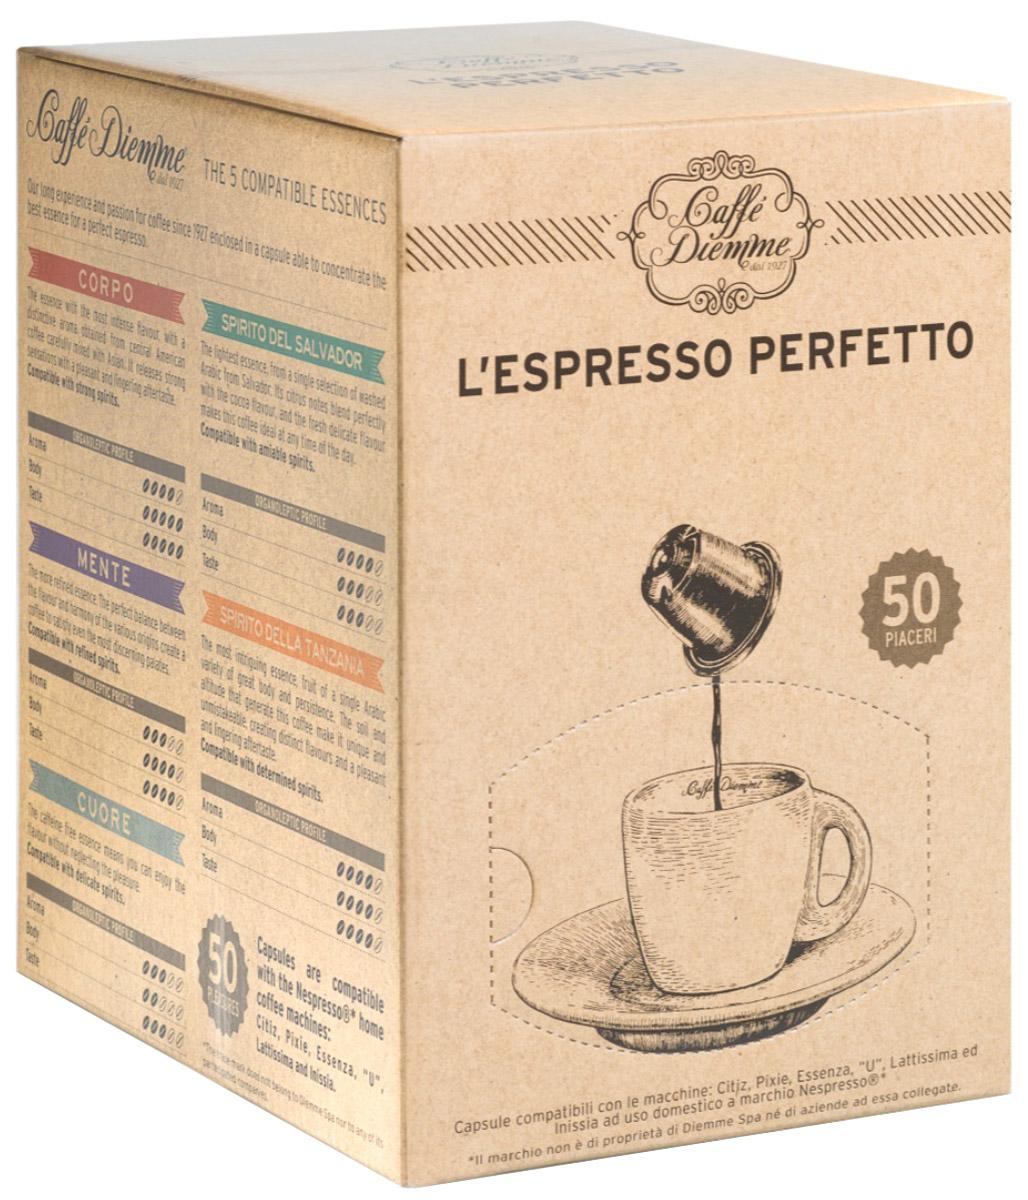 Diemme Caffe Cuore кофе в капсулах, 50 шт476746Аромат Diemme Caffe Cuore, не содержащий кофеина, позволяет не отказываться от богатой палитры аромата натурального кофе, и приносимого им удовольствия. Этот аромат предназначен для деликатных особ.Уважаемые клиенты! Обращаем ваше внимание на то, что упаковка может иметь несколько видов дизайна. Поставка осуществляется в зависимости от наличия на складе.